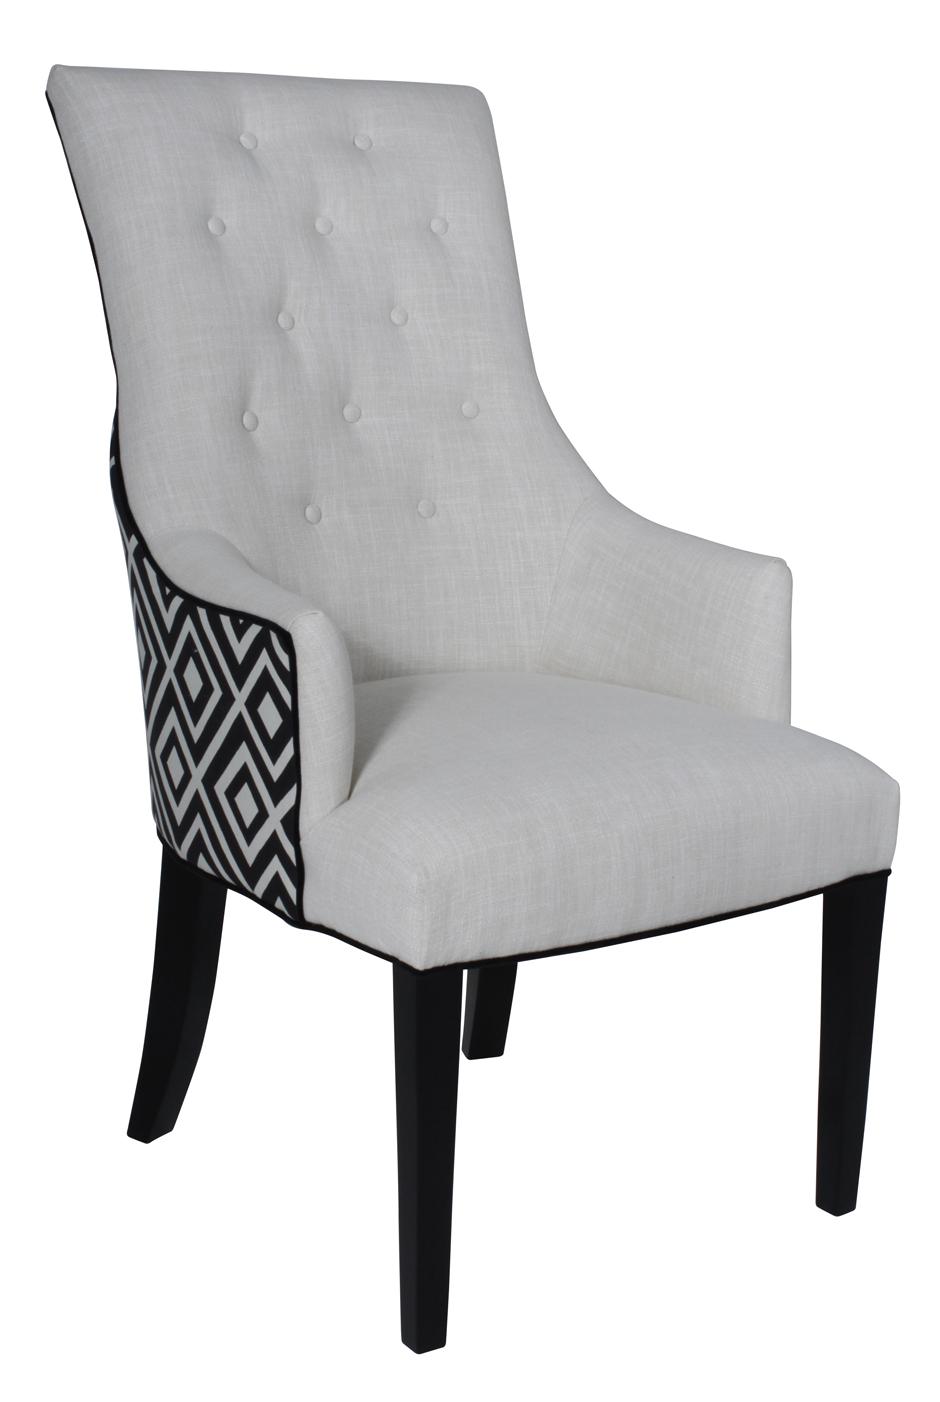 Brentwood Upholstered Restaurant Chair